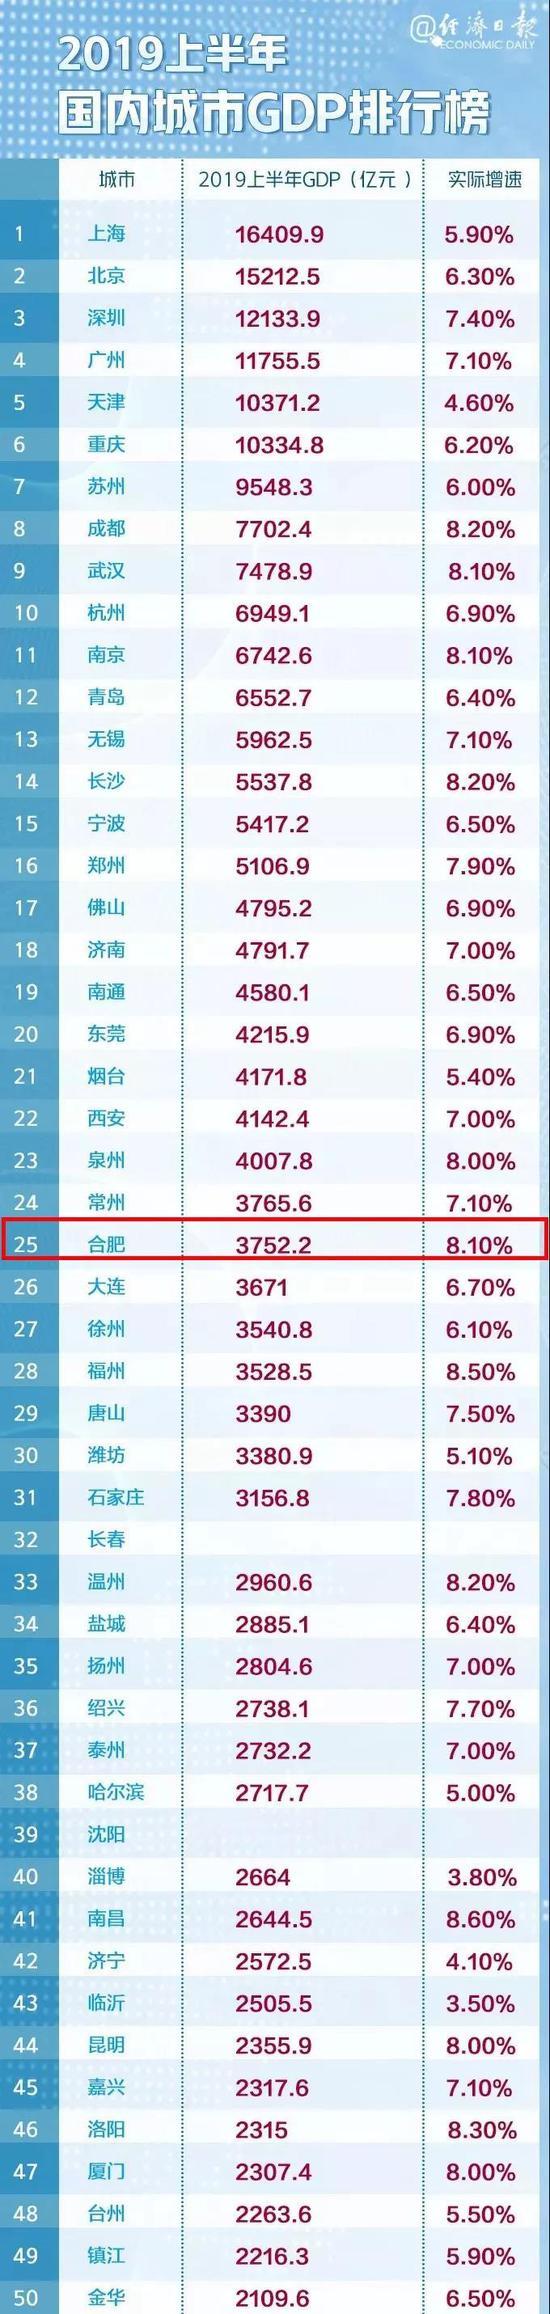 中国城市GDP百强榜来了 安徽这两市上榜